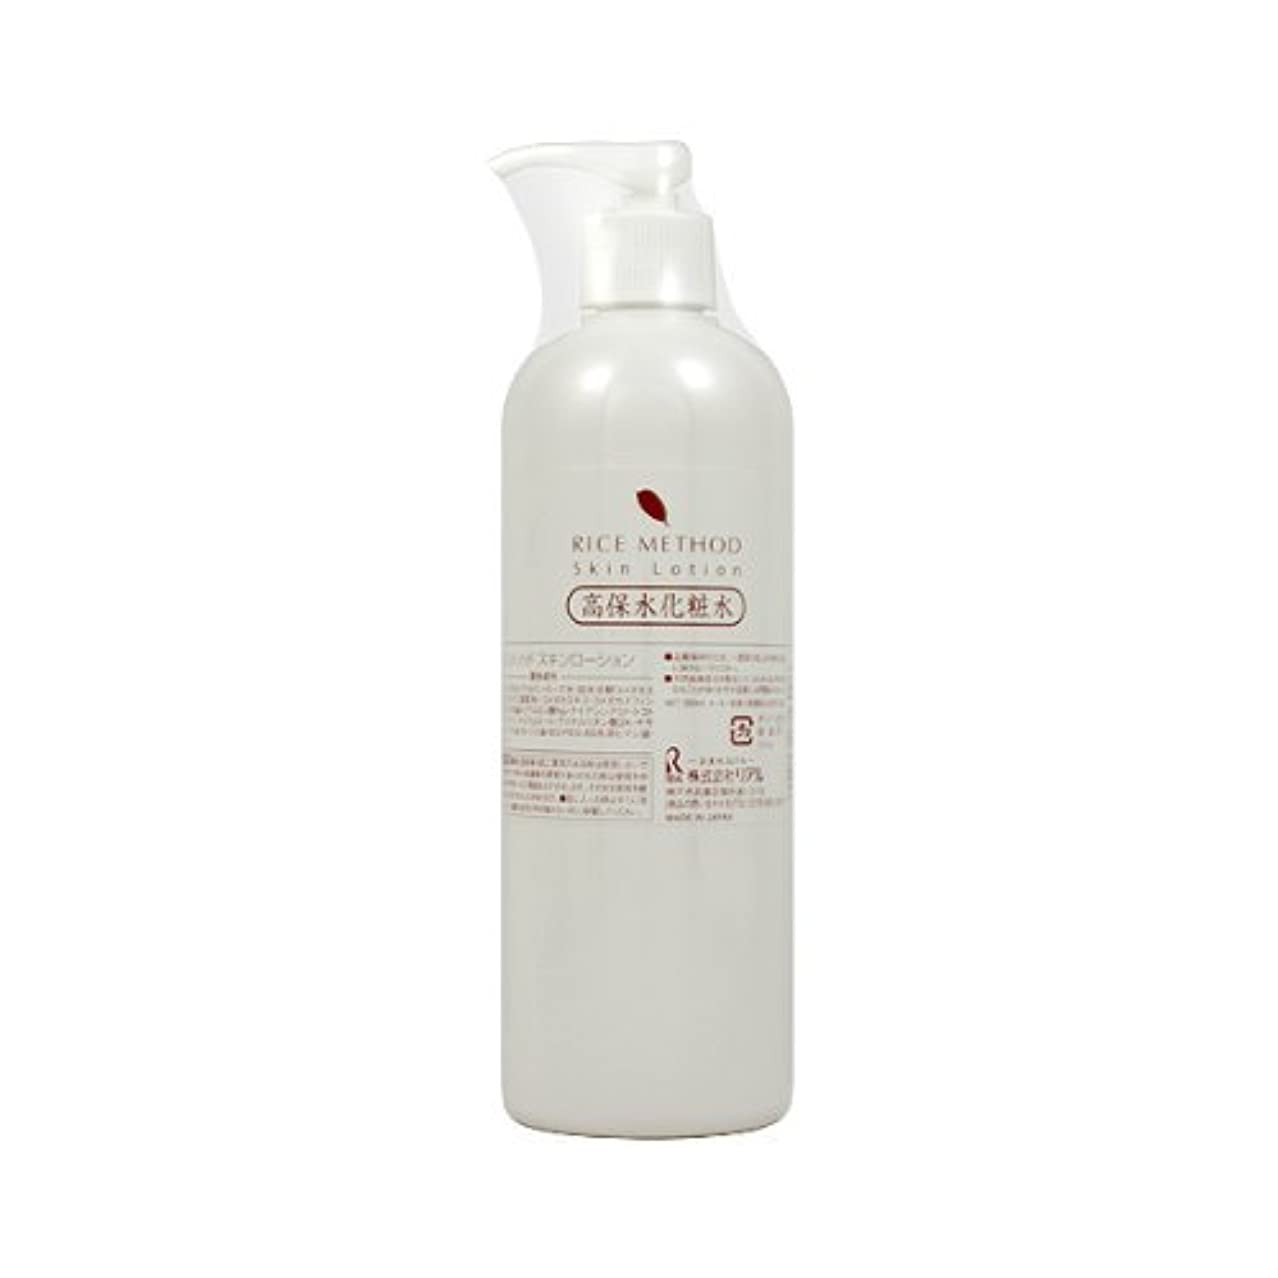 鹿ストローク化学薬品ライスメソッド スキンローション(高保湿化粧水) 380ml